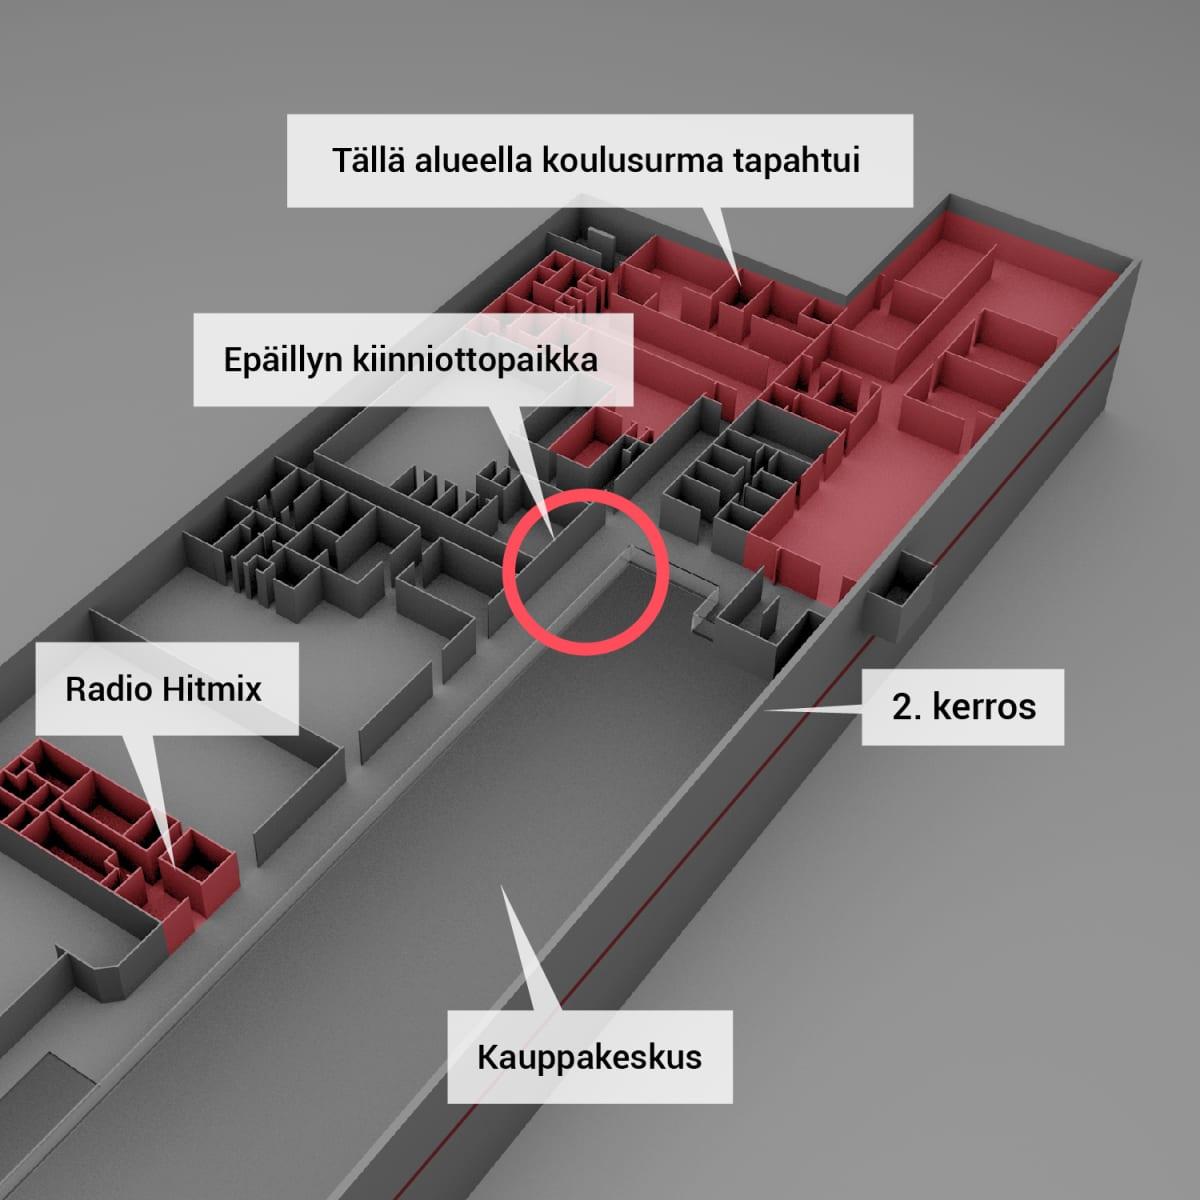 kuopio-tapahtumat.jpg